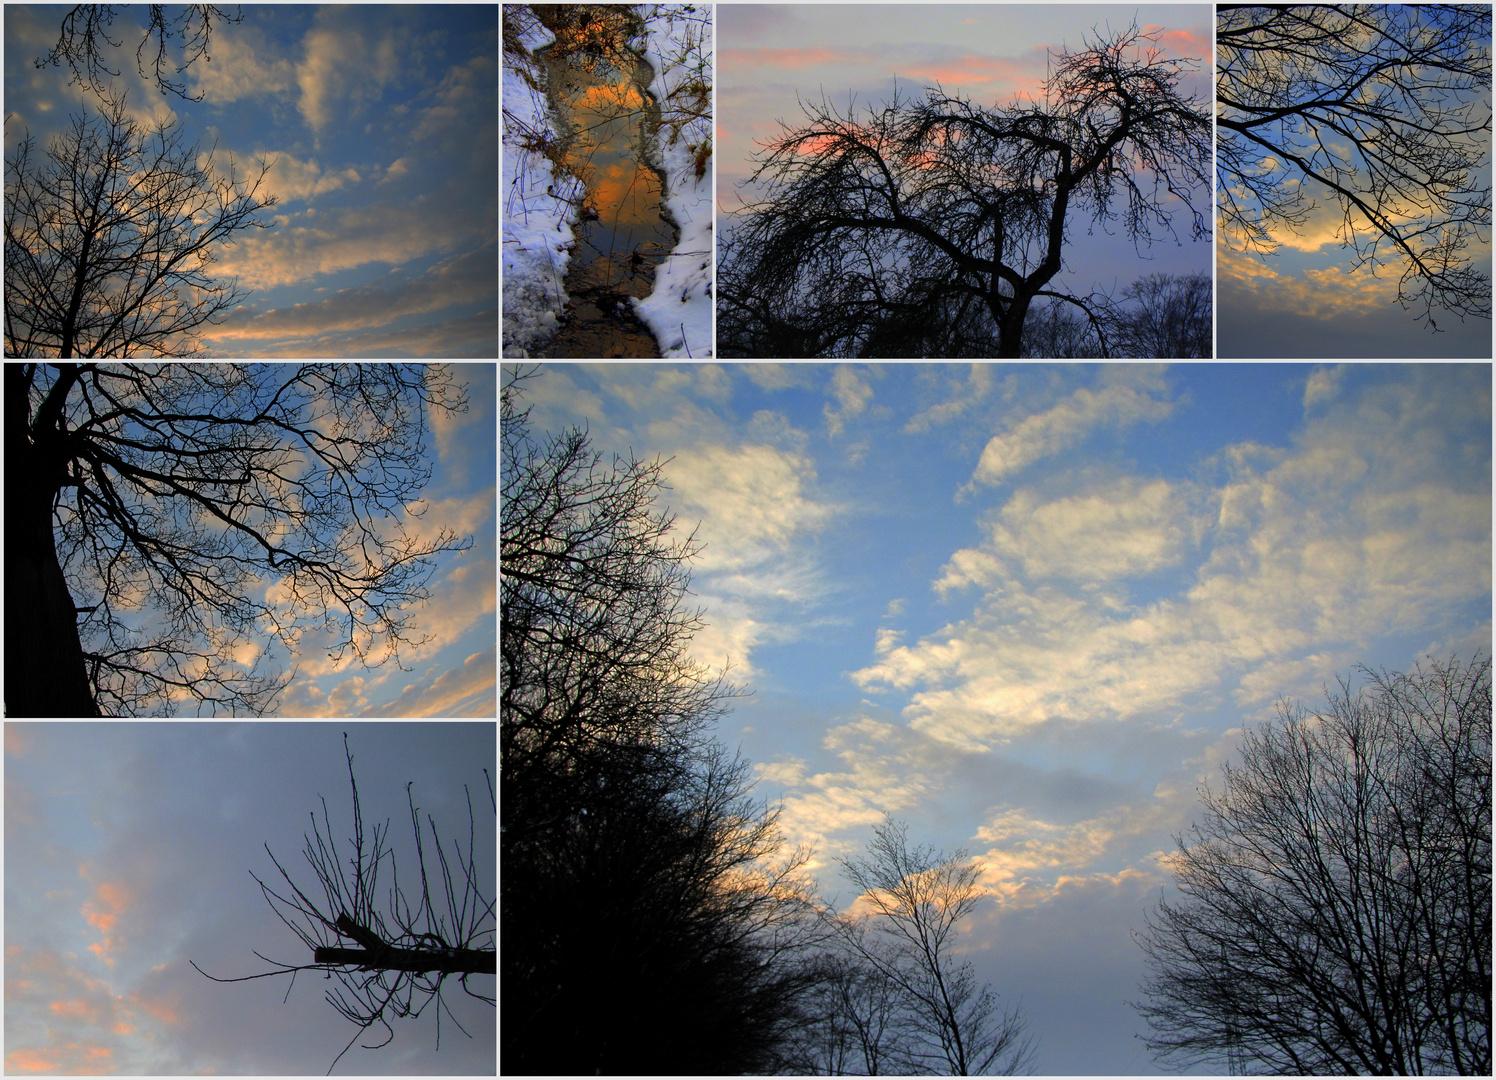 Himmelsgeäst...und ein kleiner Bach in den der Himmel gefallen ist.